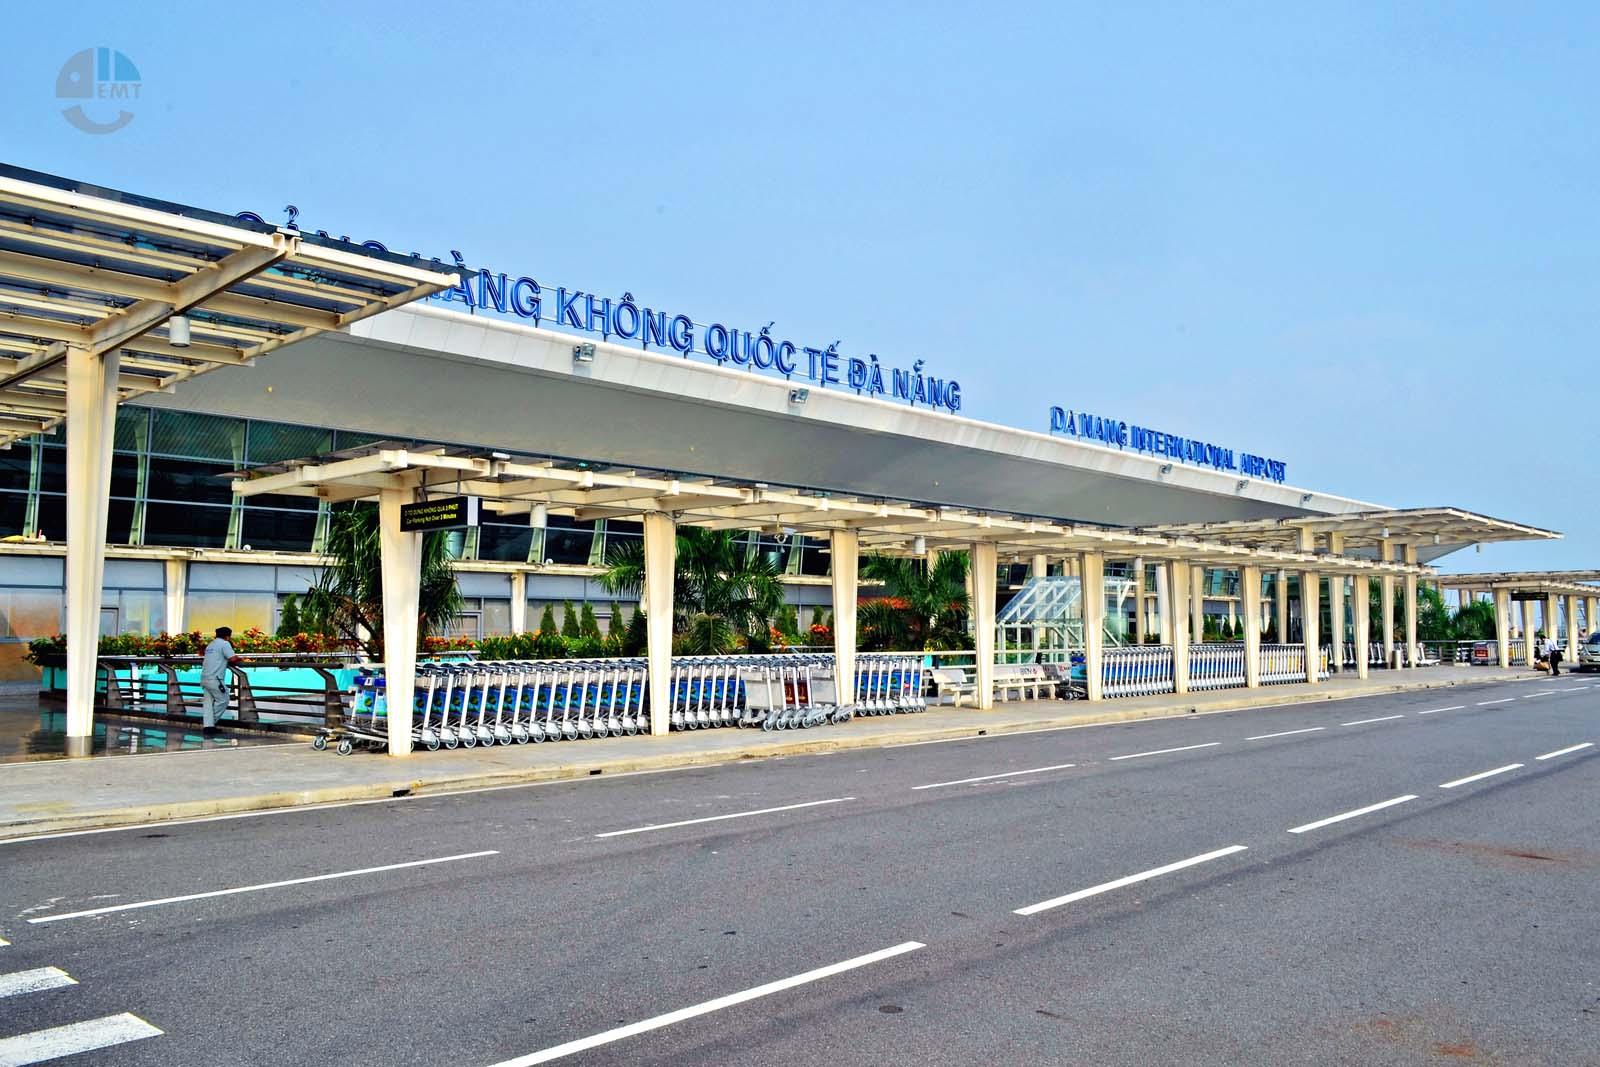 Từ Huế đi Đà Nẵng bao nhiêu km?